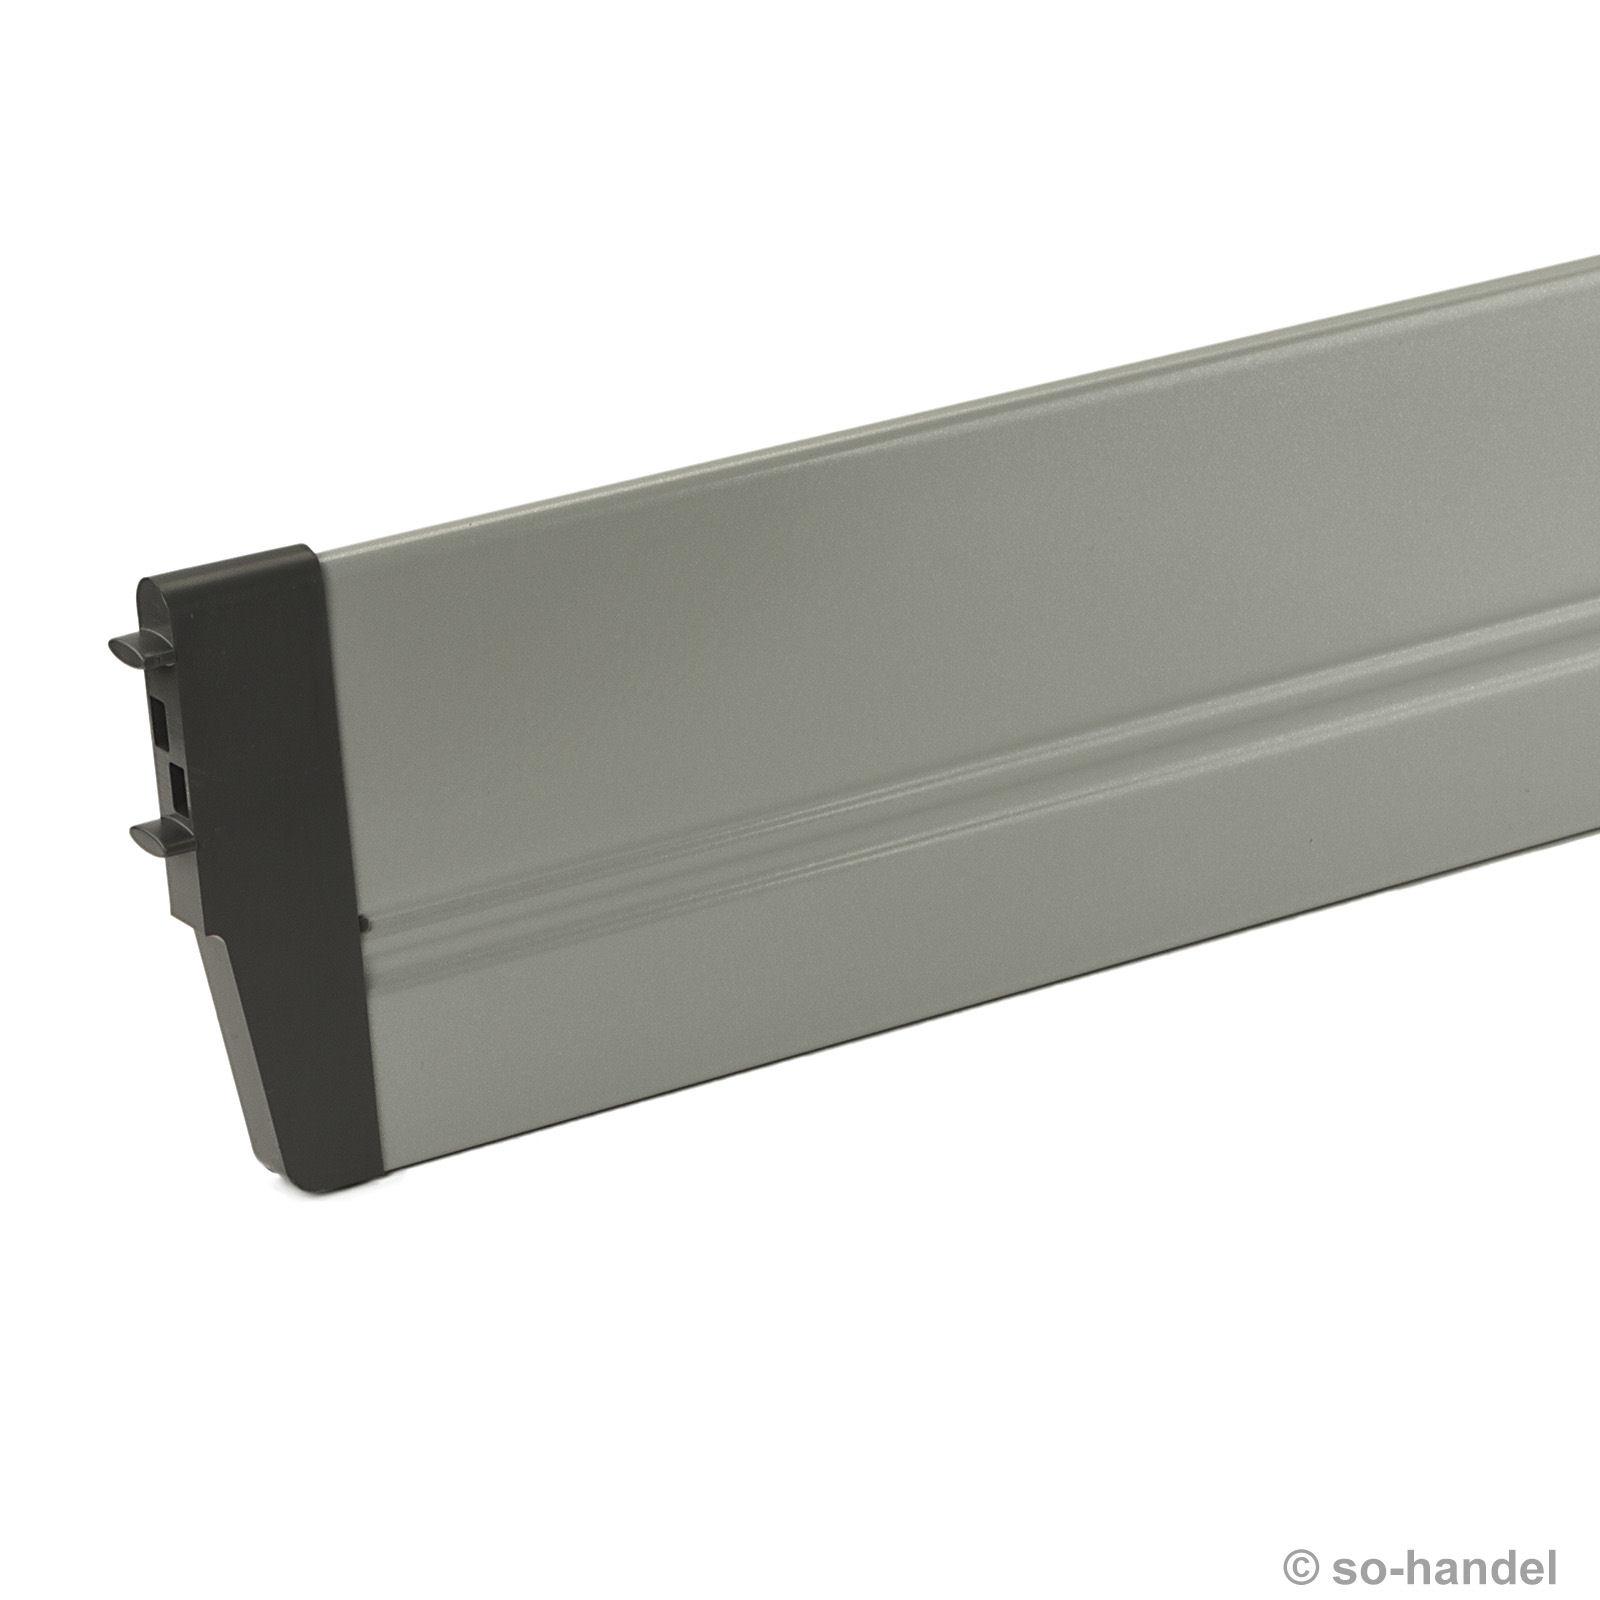 blum tandembox orga line querteiler 30 120 cm grau orgaline einteilungssystem ebay. Black Bedroom Furniture Sets. Home Design Ideas